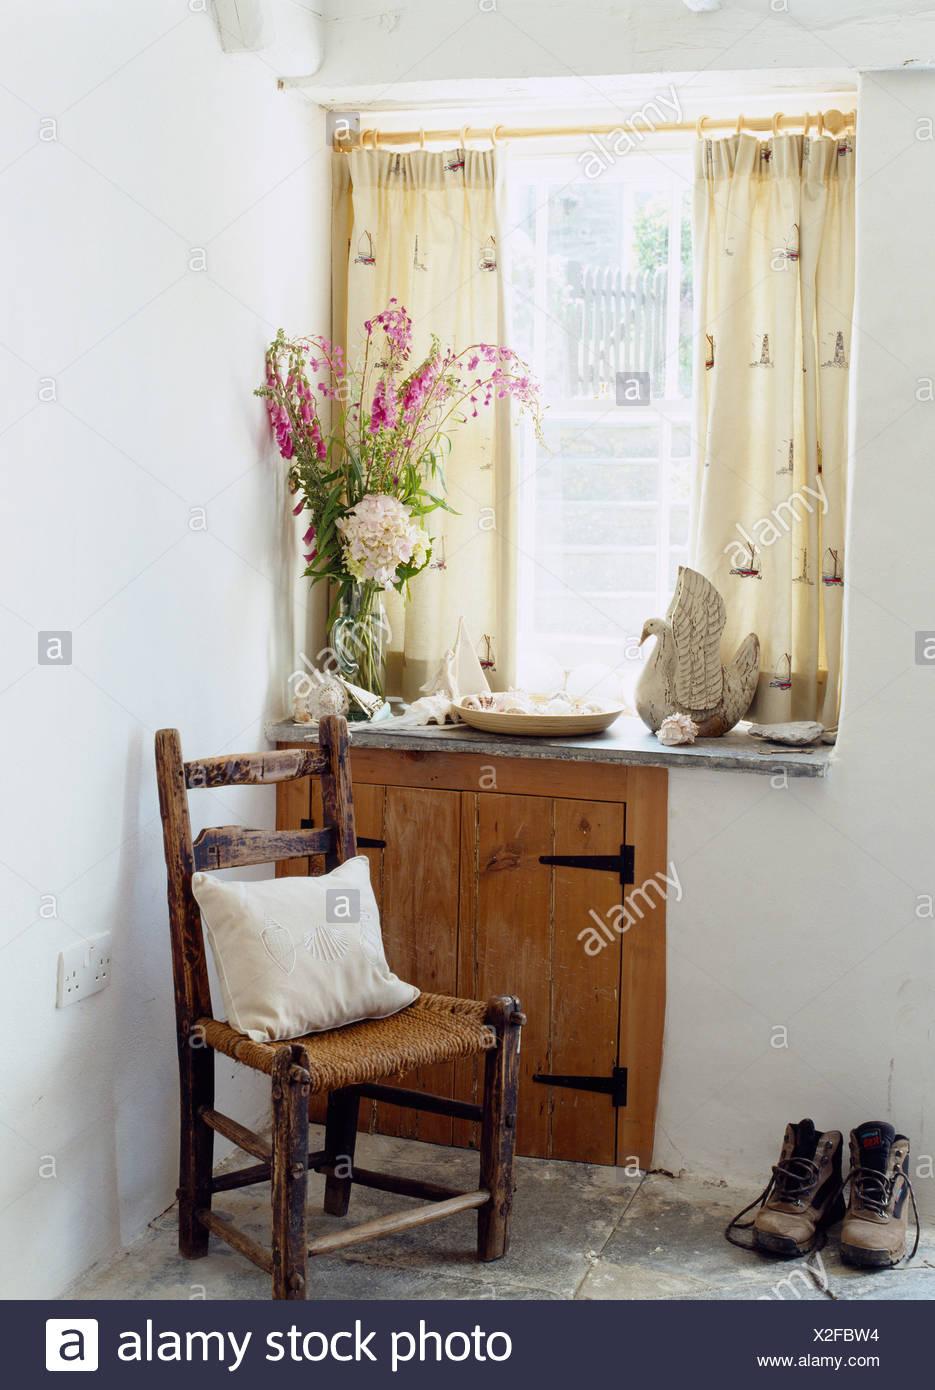 Fein Küsten Hütte Bilder Von Der Küche Bilder - Ideen Für Die Küche ...